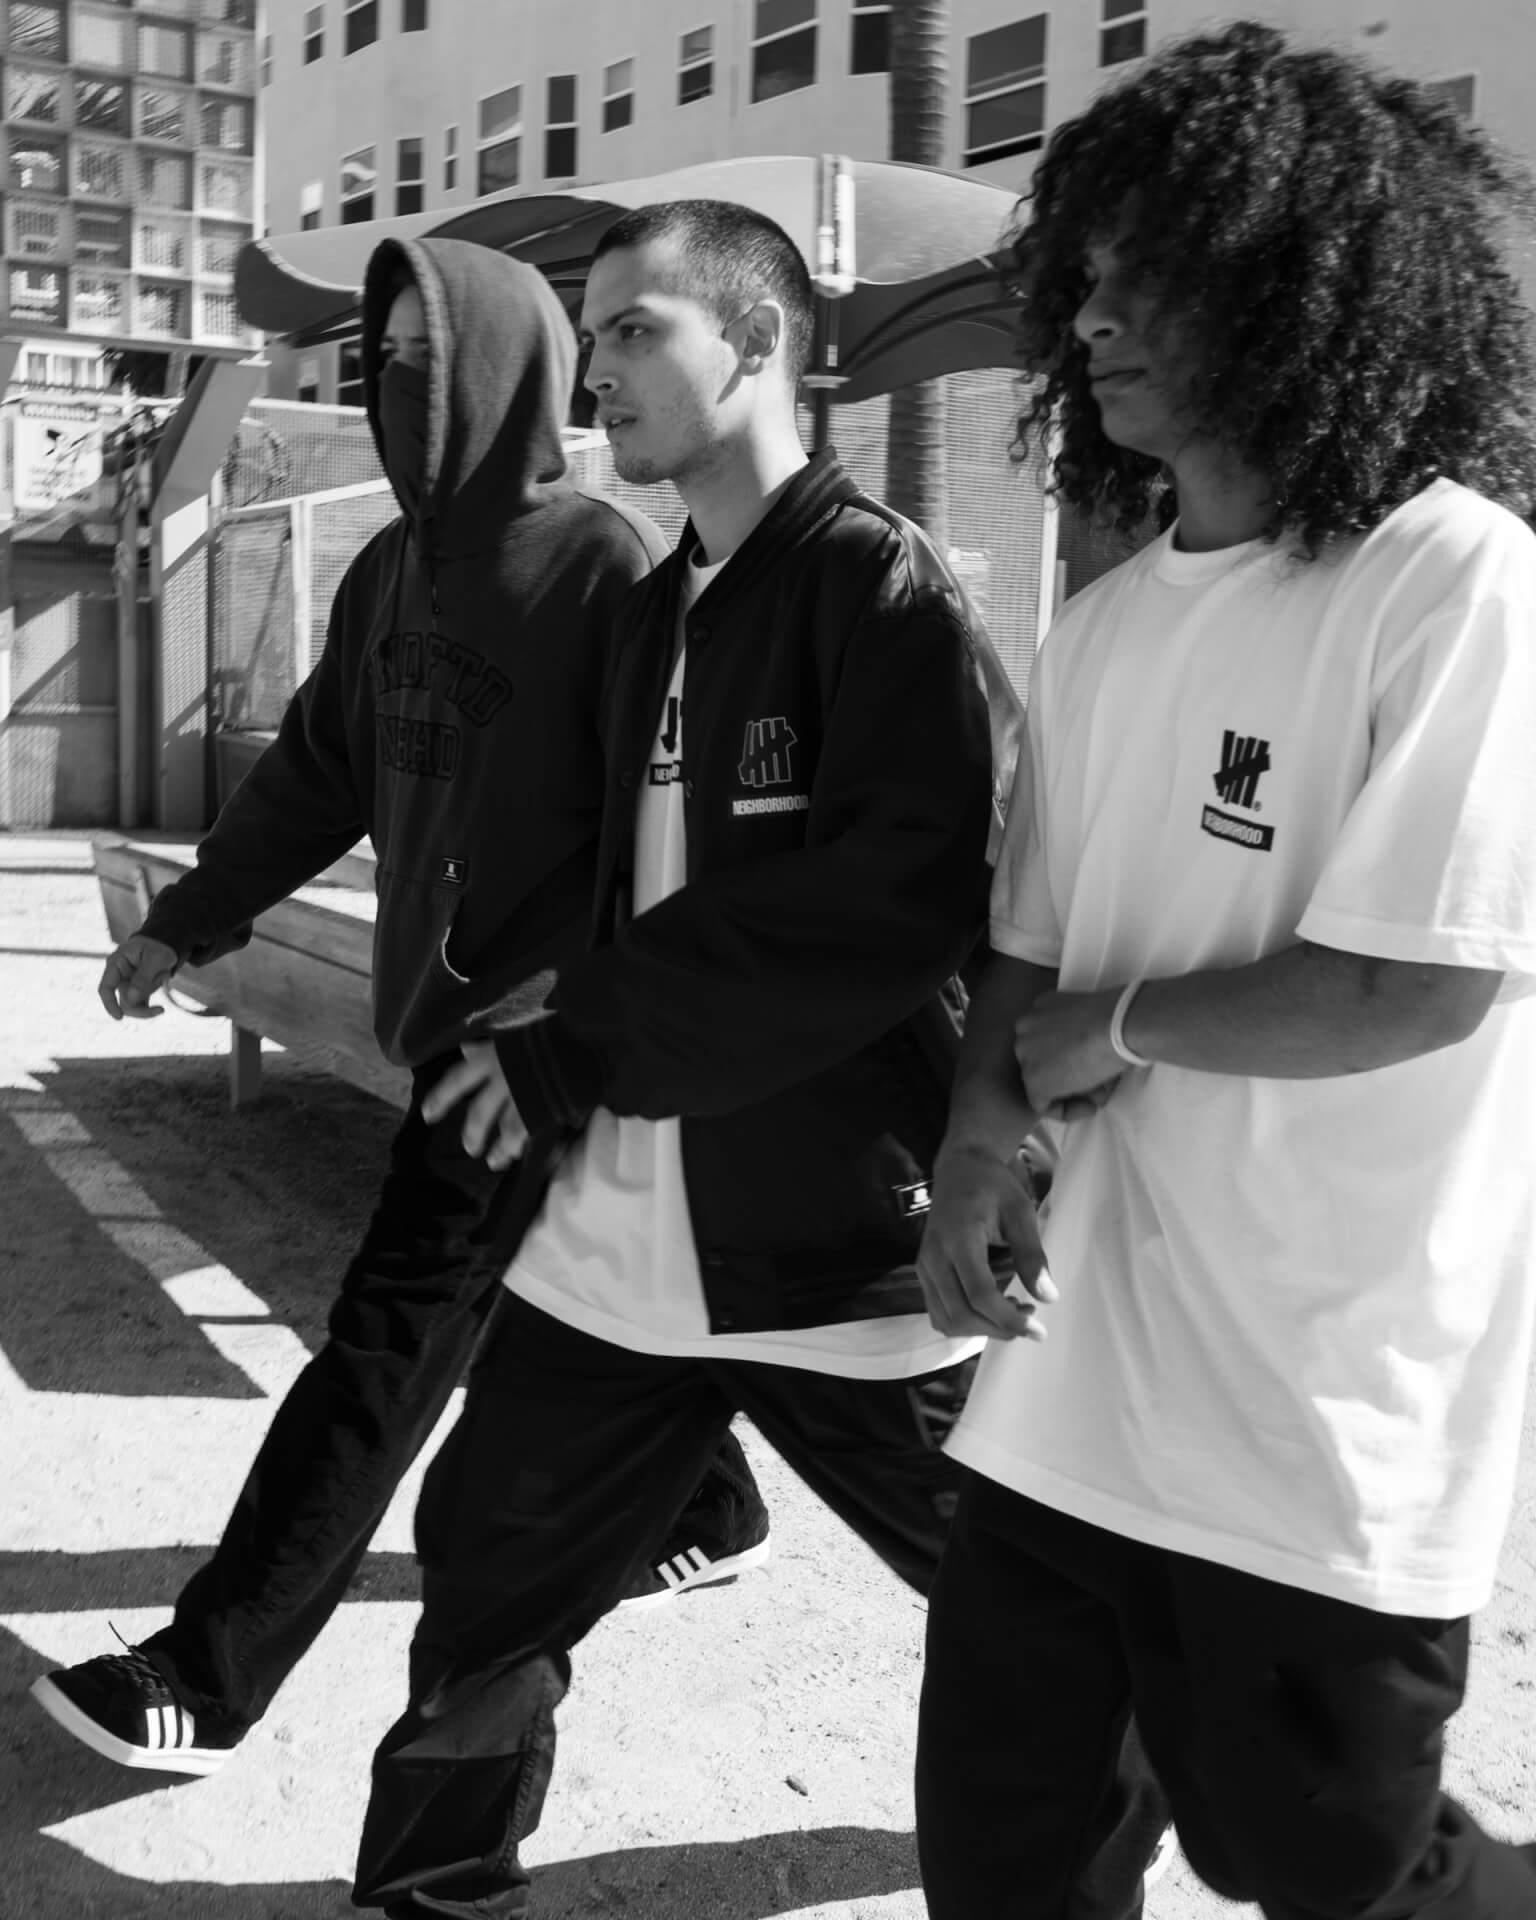 NEIGHBORHOODとUNDEFEATEDのコラボコレクションが今週リリース!社会問題をテーマにしたストリートウェアがラインナップ life210216_neighborhood_undefeted_4